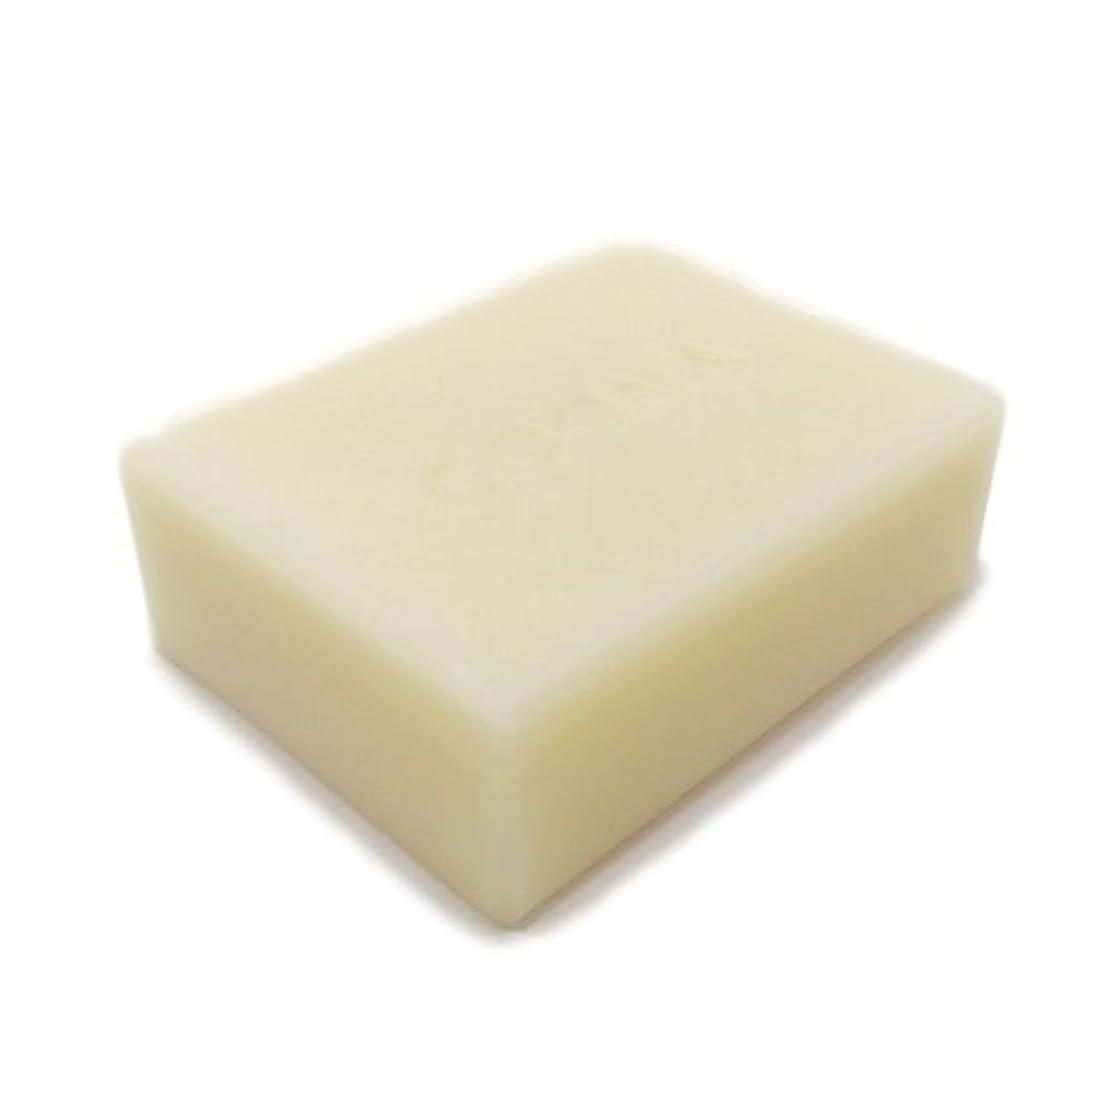 世紀十二入場料浴用石鹸 COONA和の香り石けん ひのき (天然素材 自然派 コールドプロセス 手作り せっけん) 80g